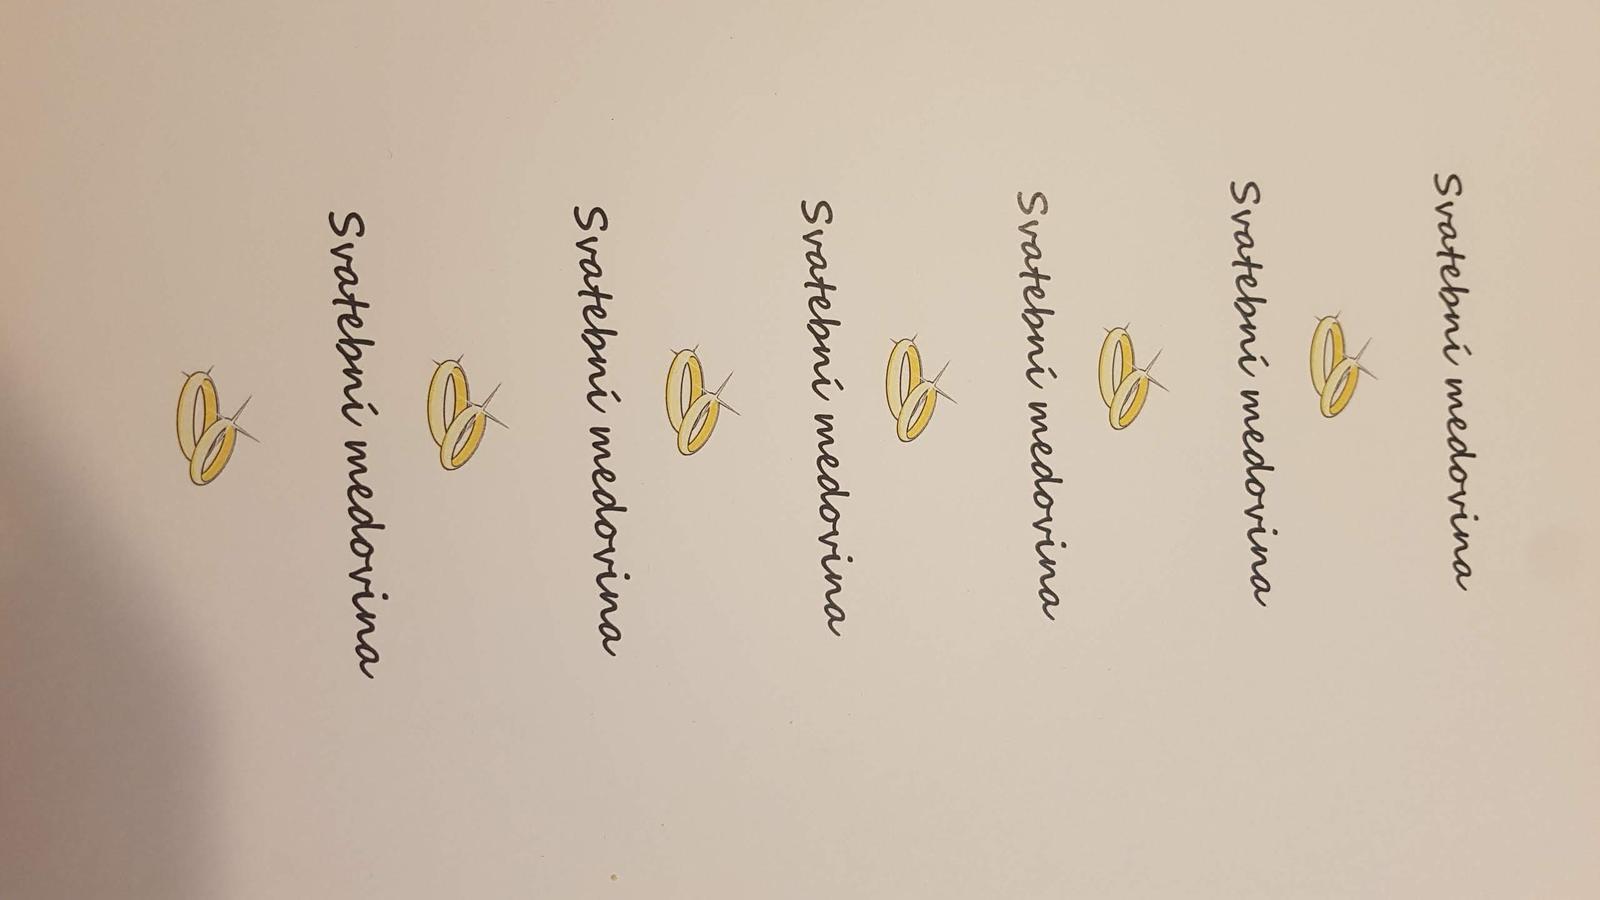 Svatební medovina popisky - Obrázek č. 1